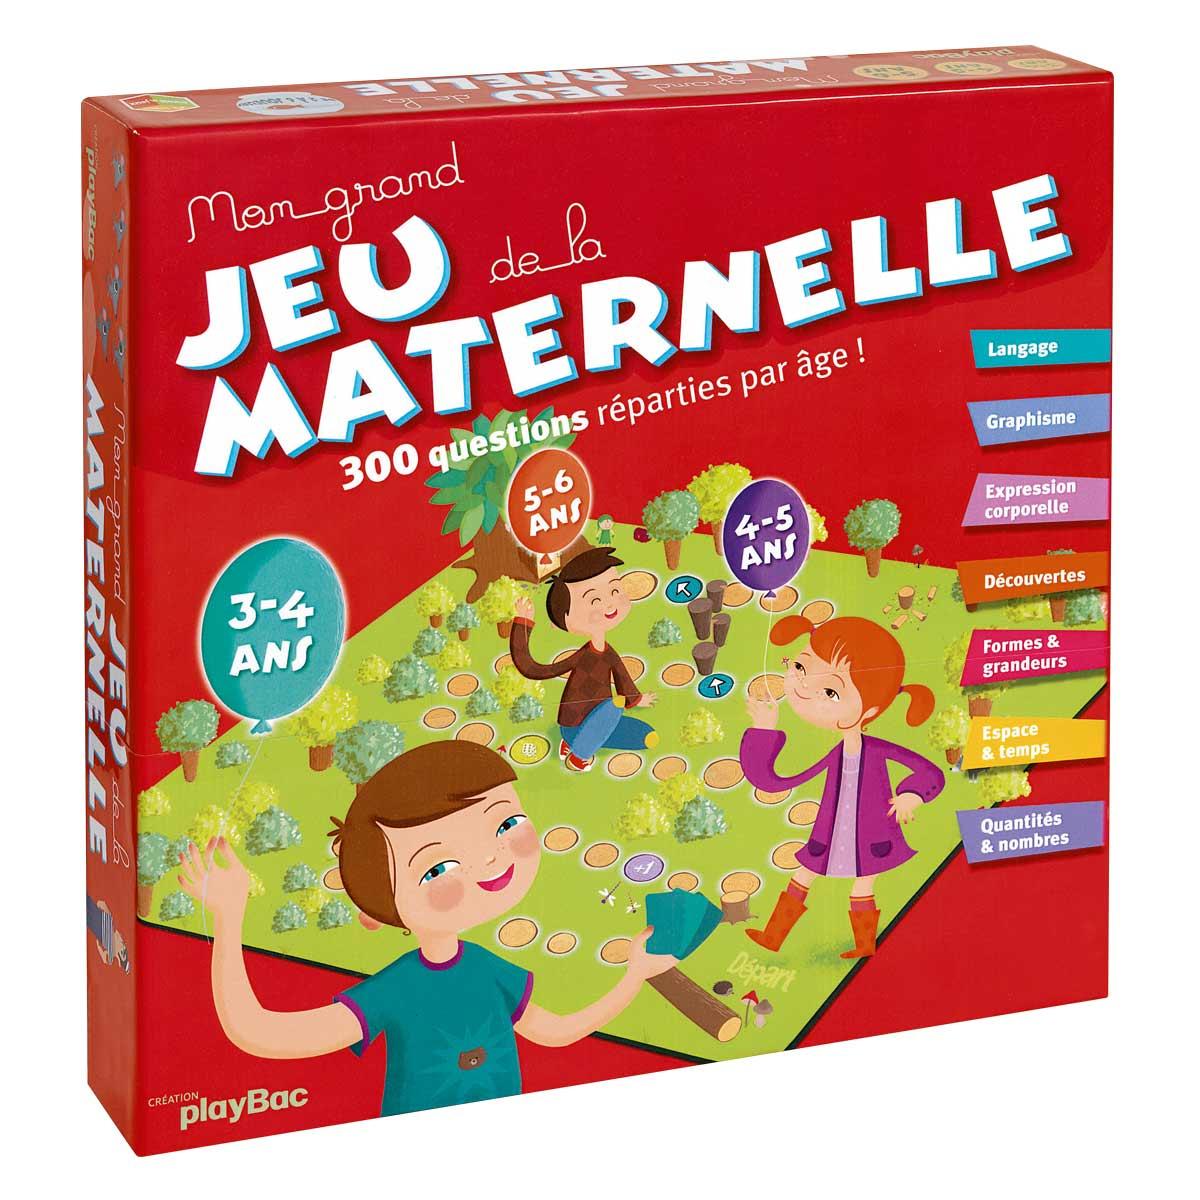 Mon Grand Jeu De La Maternelle à Jeux Educatif Maternelle Moyenne Section